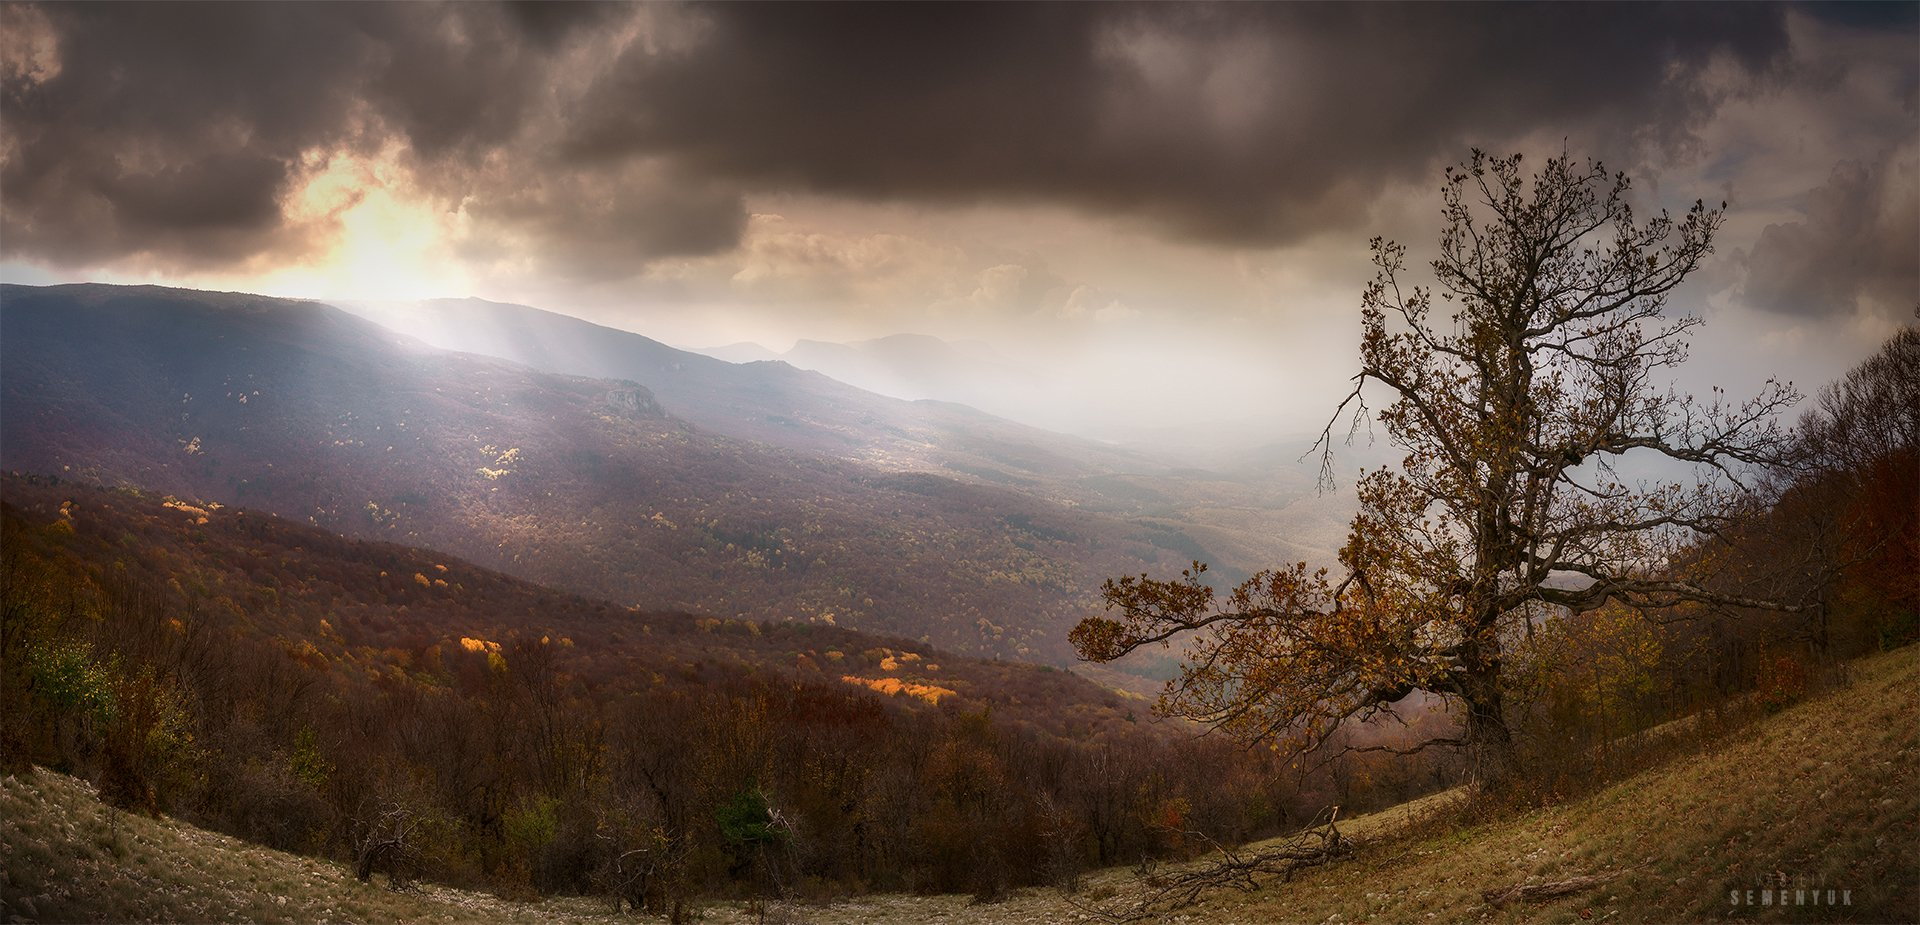 крым, горы, учт-таш, главная гряда, панорама, осень, лес, mountains, forest, autumn, mist, dawn., Семенюк Василий